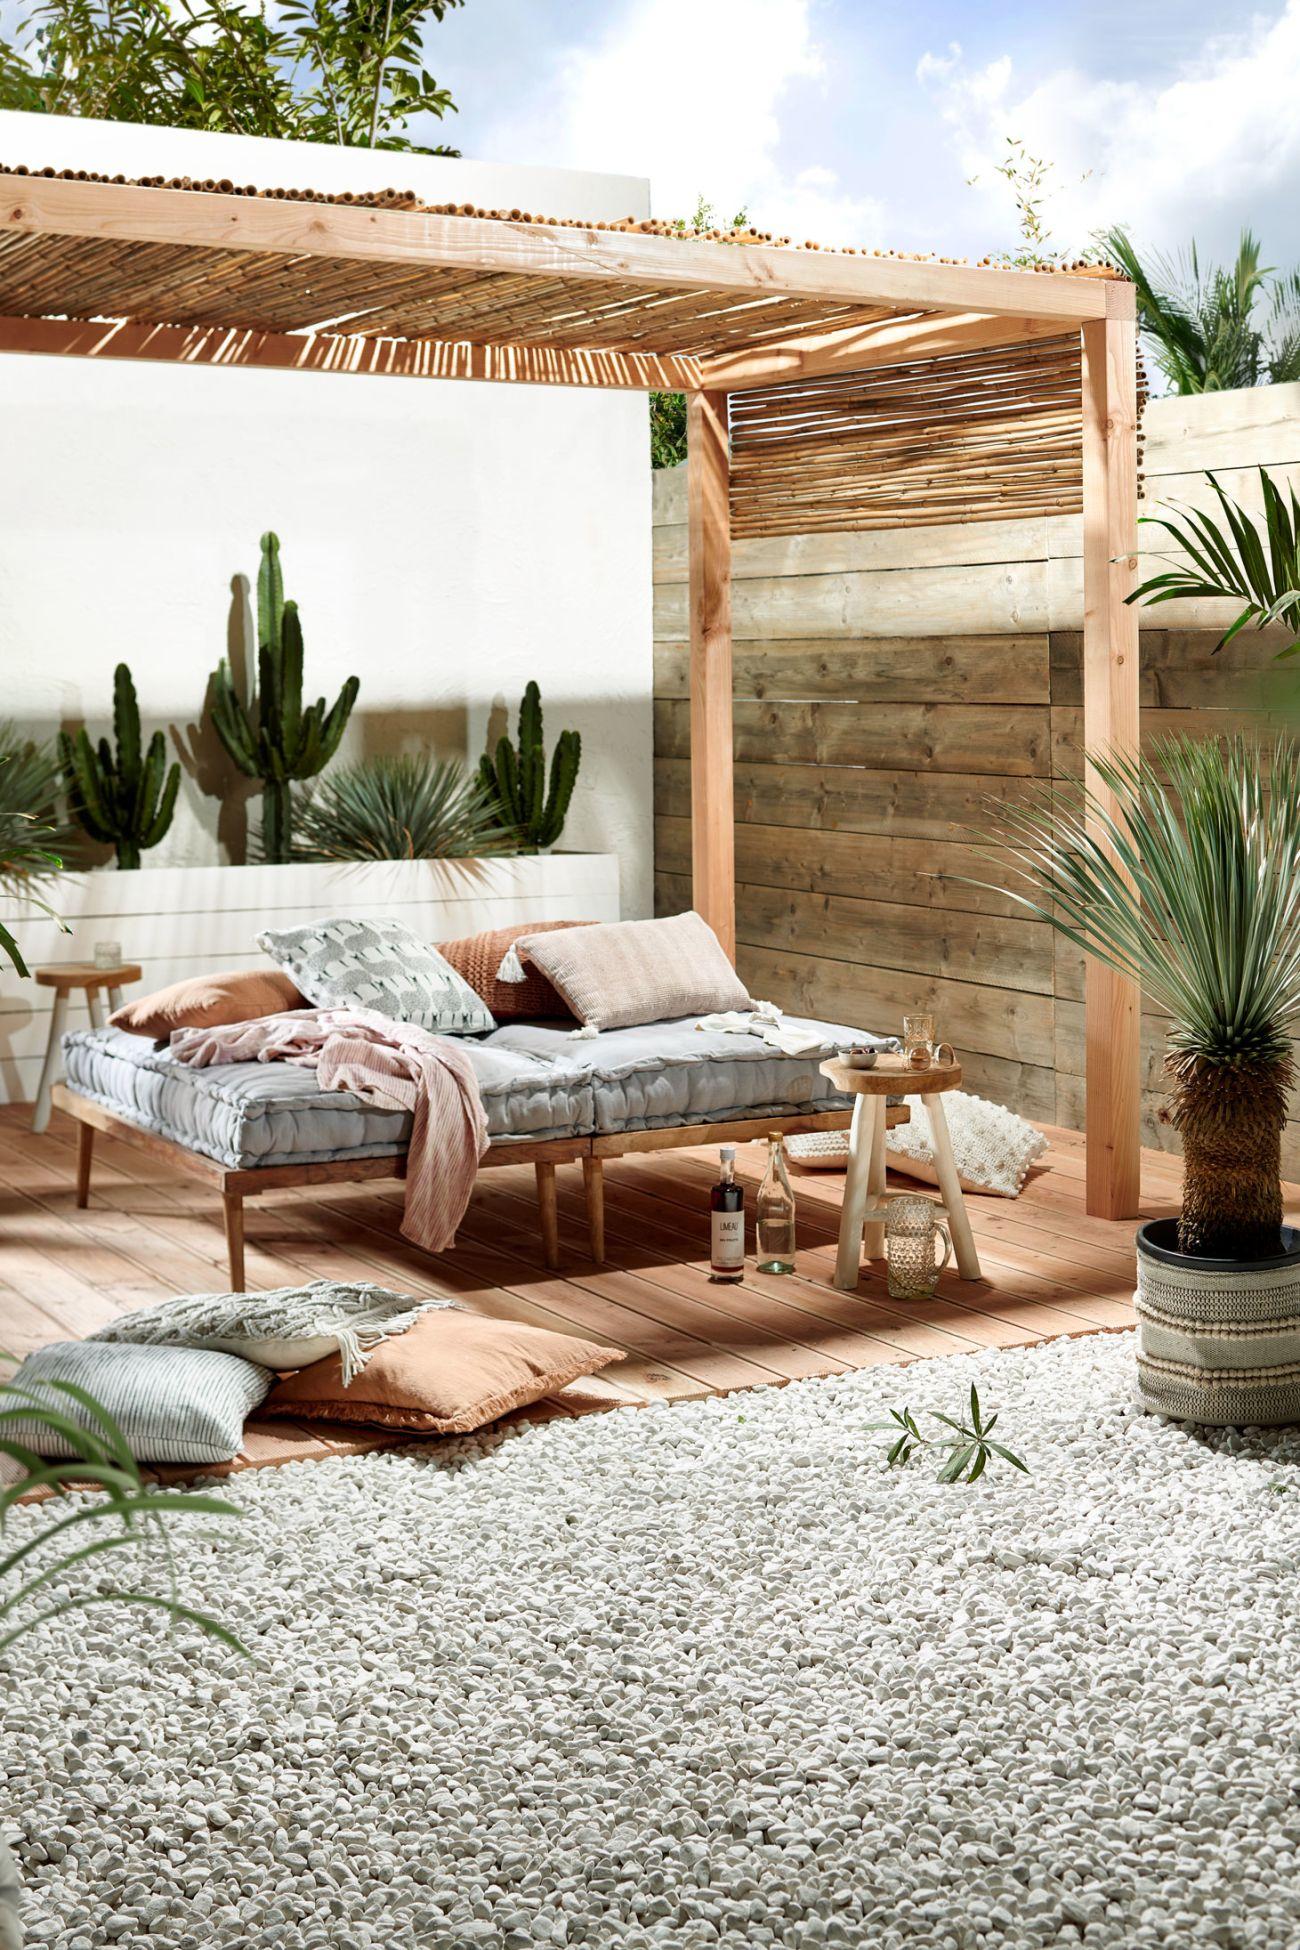 Ibiza vibes in je tuin: zo creëer je het! - KARWEI | Tuin, Tuin ...